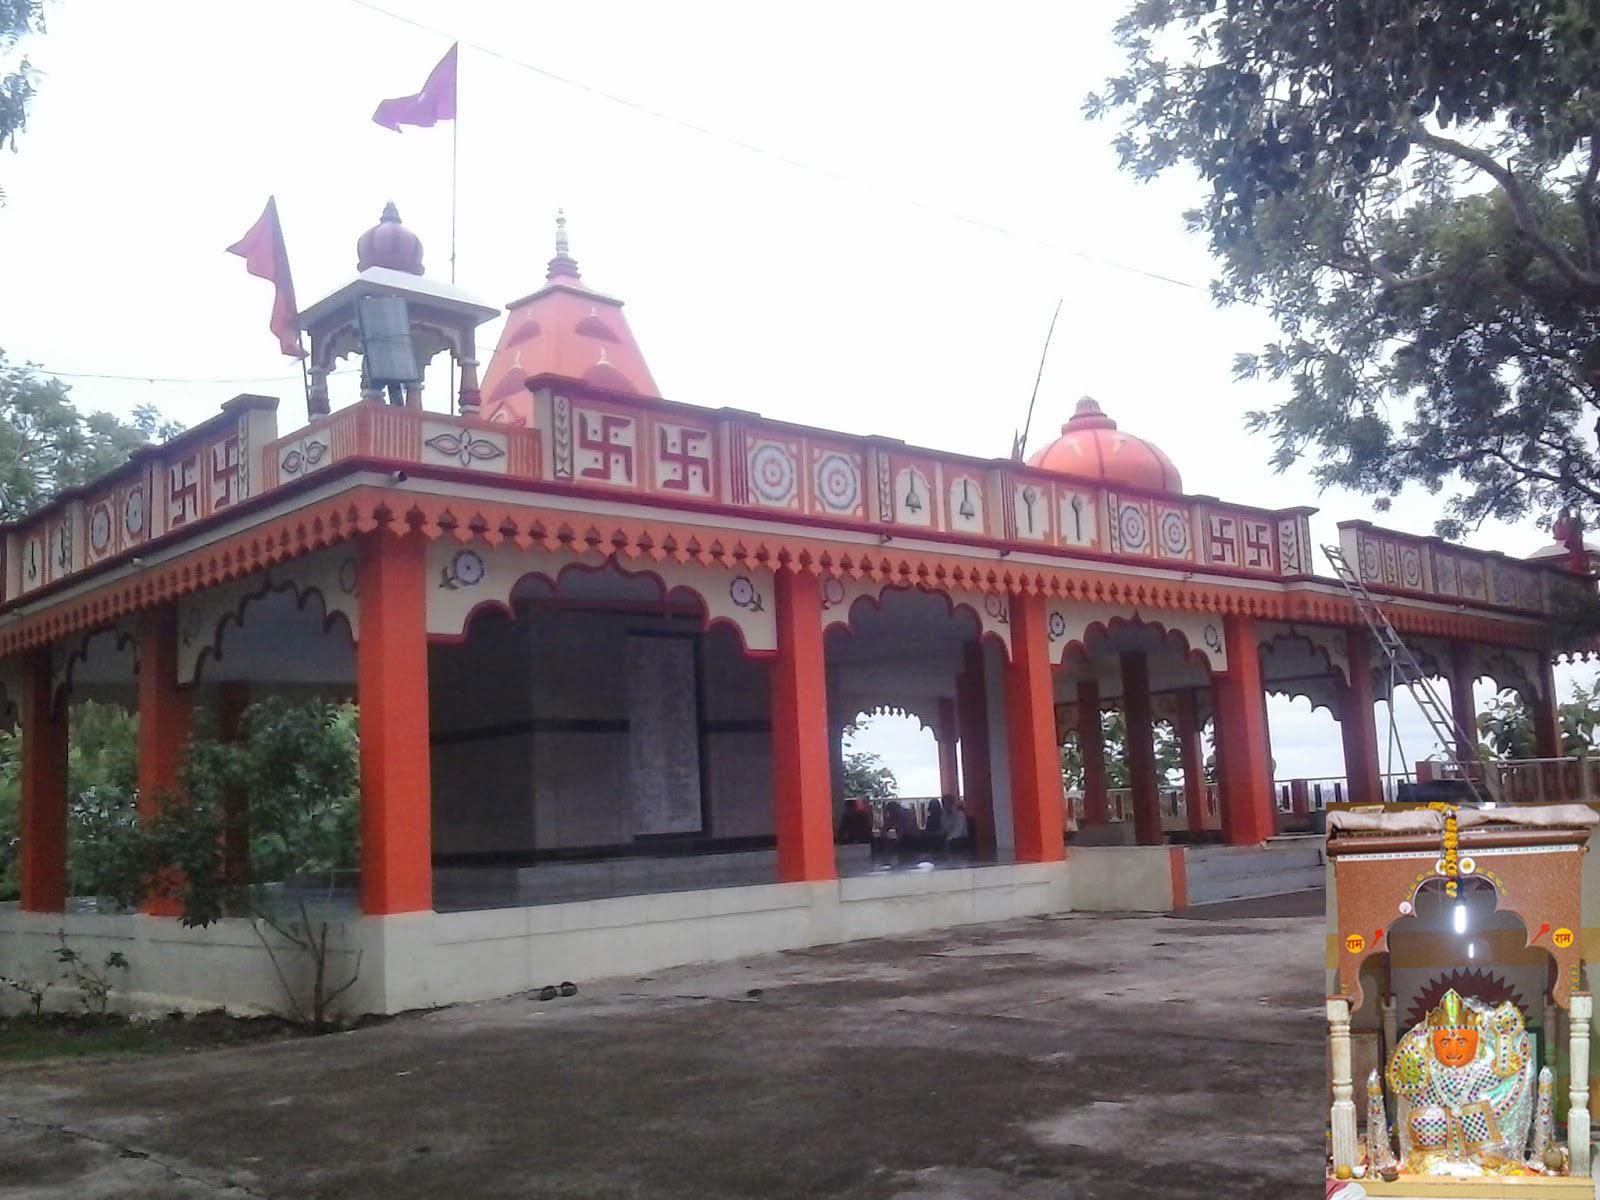 hanuman-tekri-mandir-jhabua-हनुमान टेकरी झाबुआ